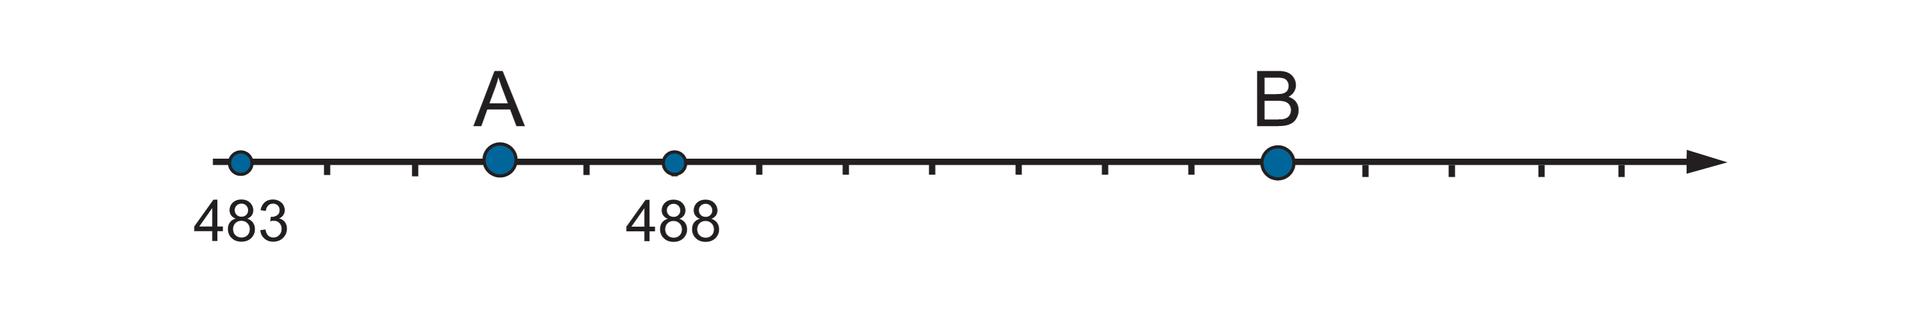 """""""Rysunek osi liczbowej zzaznaczonymi liczbami 483, 488 oraz punktami AiB. Odcinek jednostkowy równy 1.Szukane punkty: punkt Awyznacza trzy części za punktem 483"""